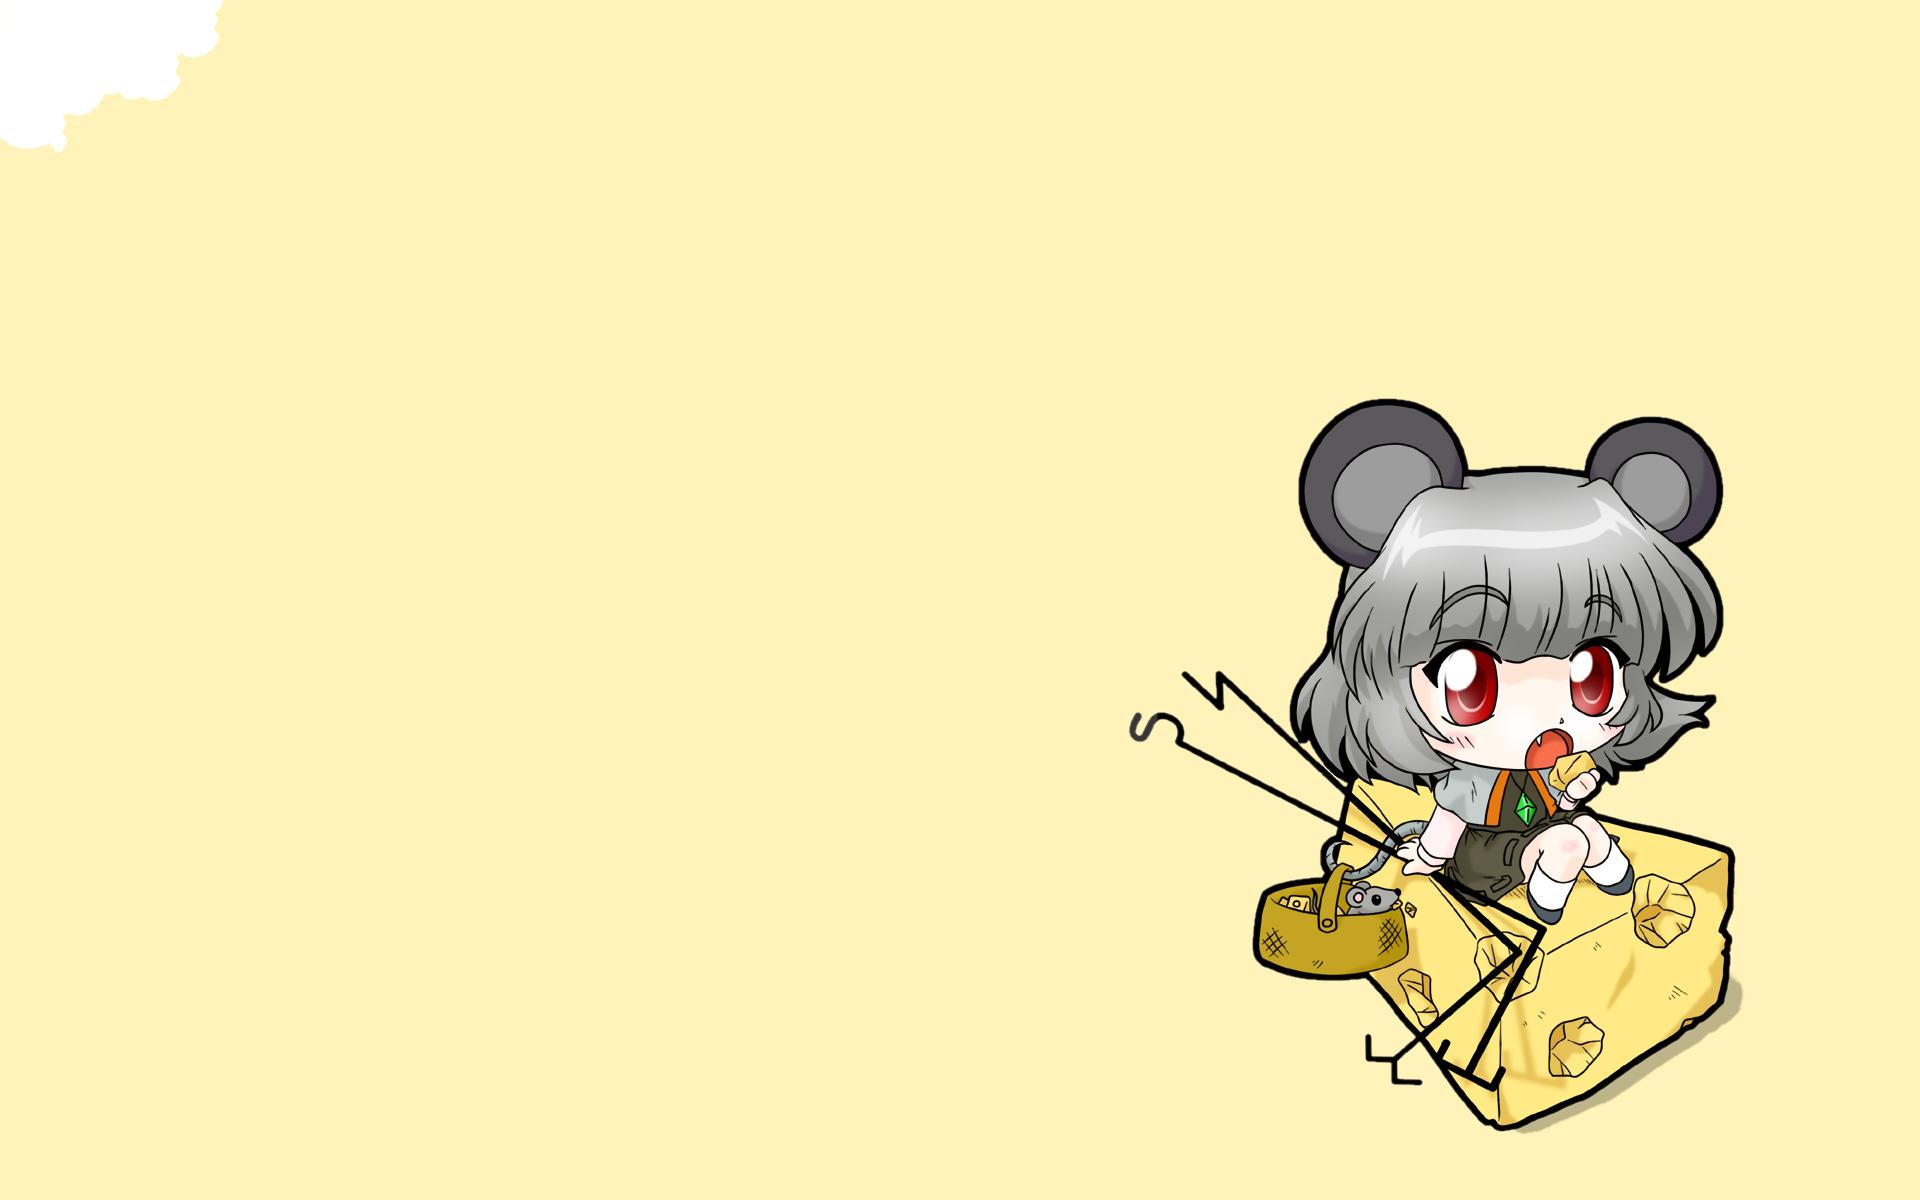 animal animal_ears chibi fang mouse mousegirl nagisuke nazrin red_eyes tail touhou